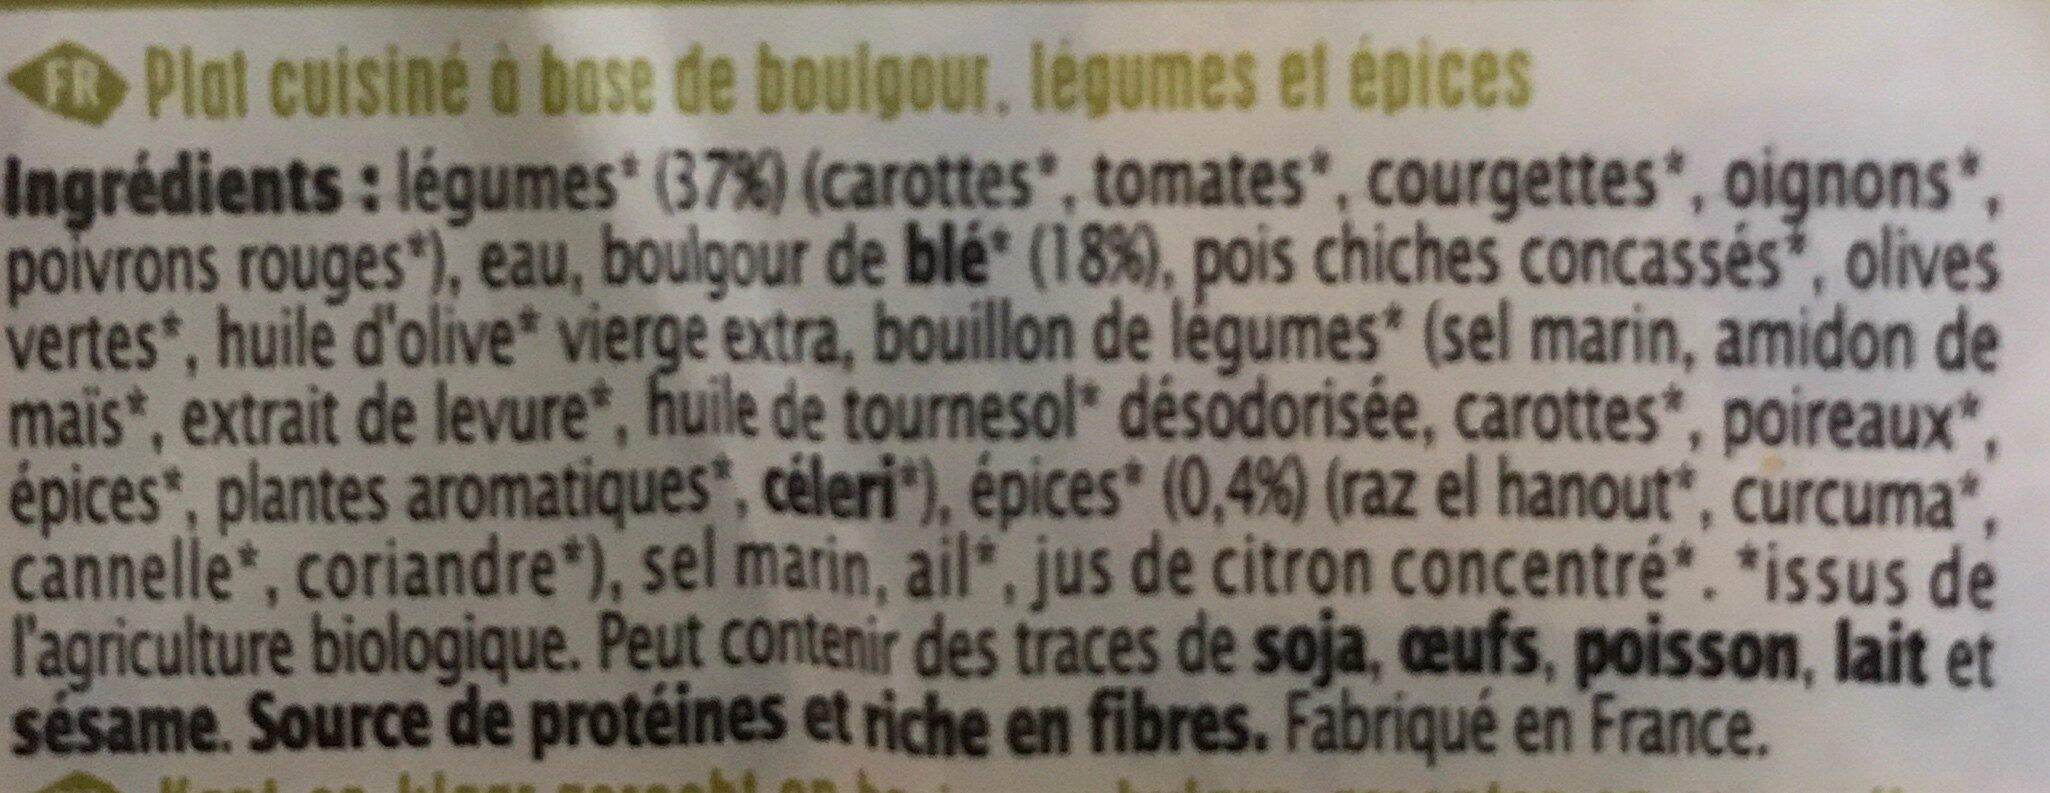 Boulgour aux légumes saveur d'Orient - Ingrédients